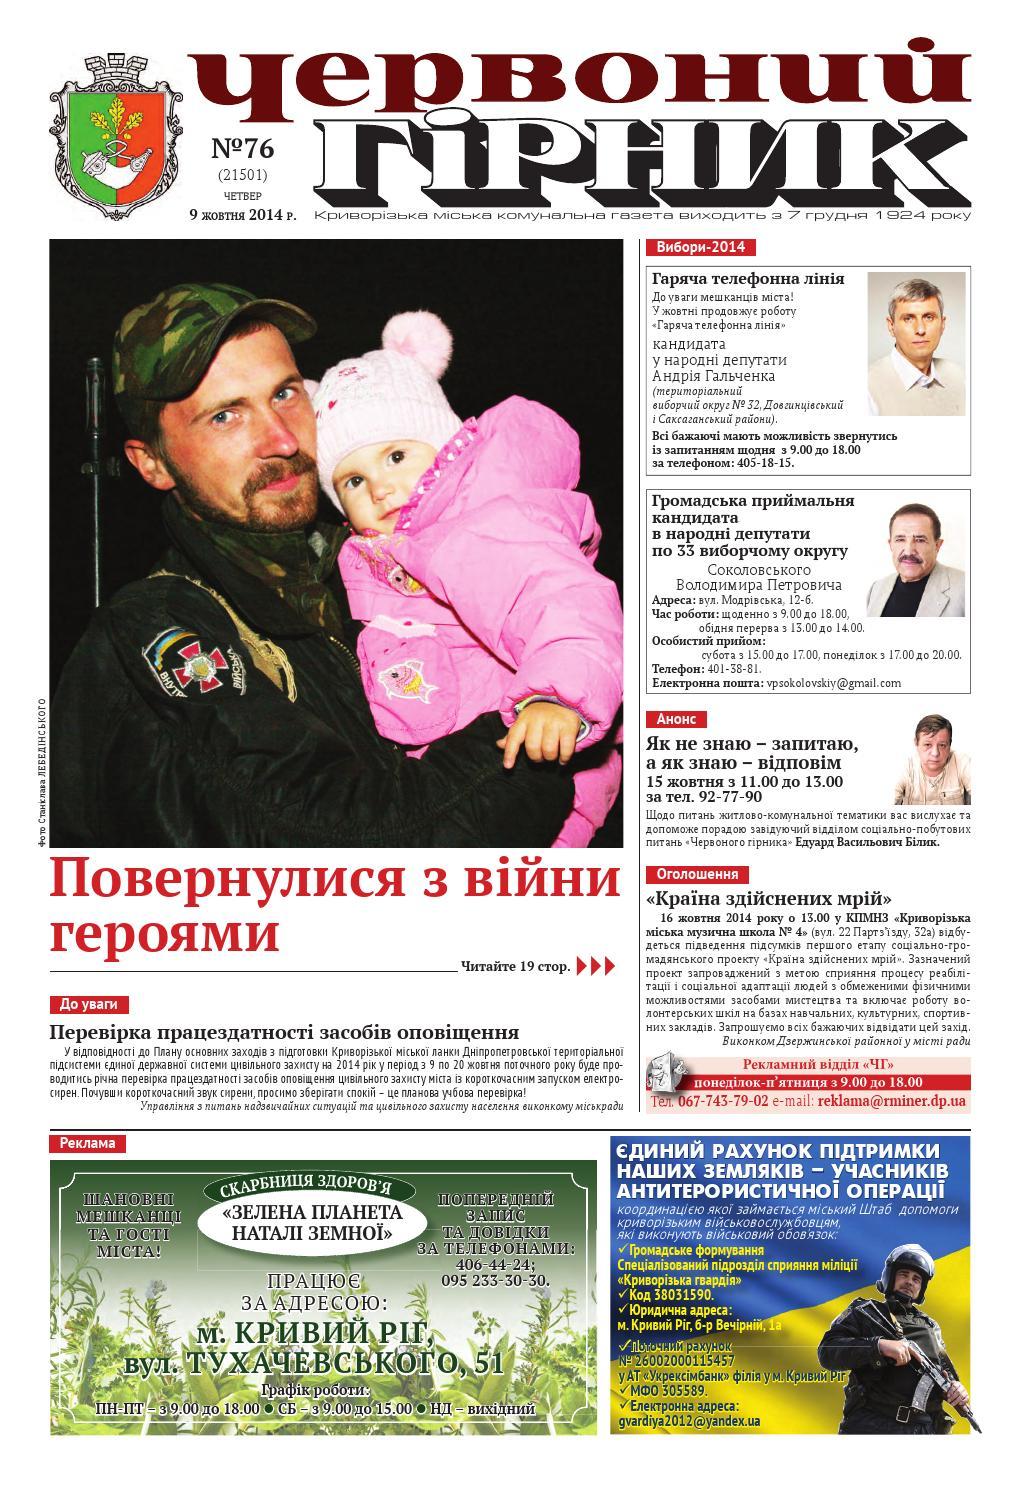 Червоний гірник №76 (21501) by The newspaper